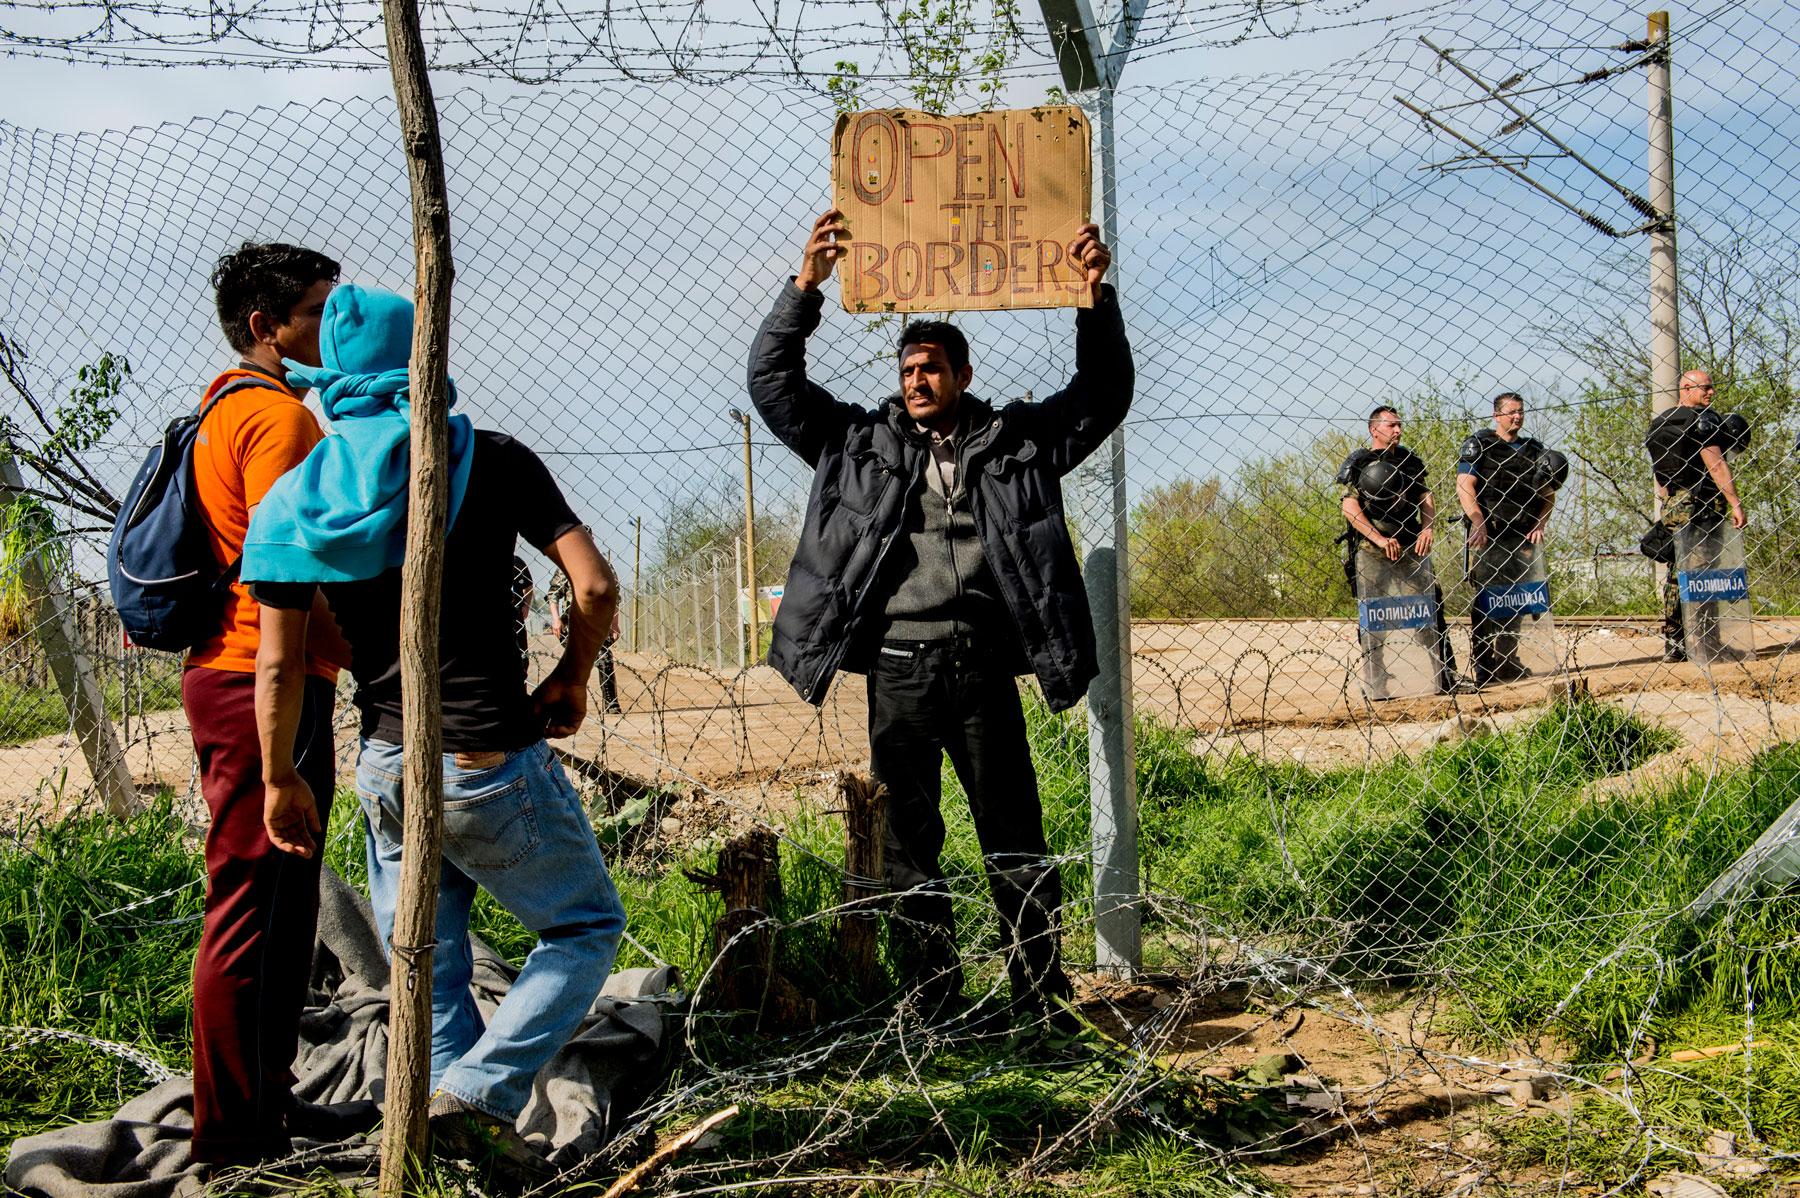 Ivano-di-maria-around-the-borders-37